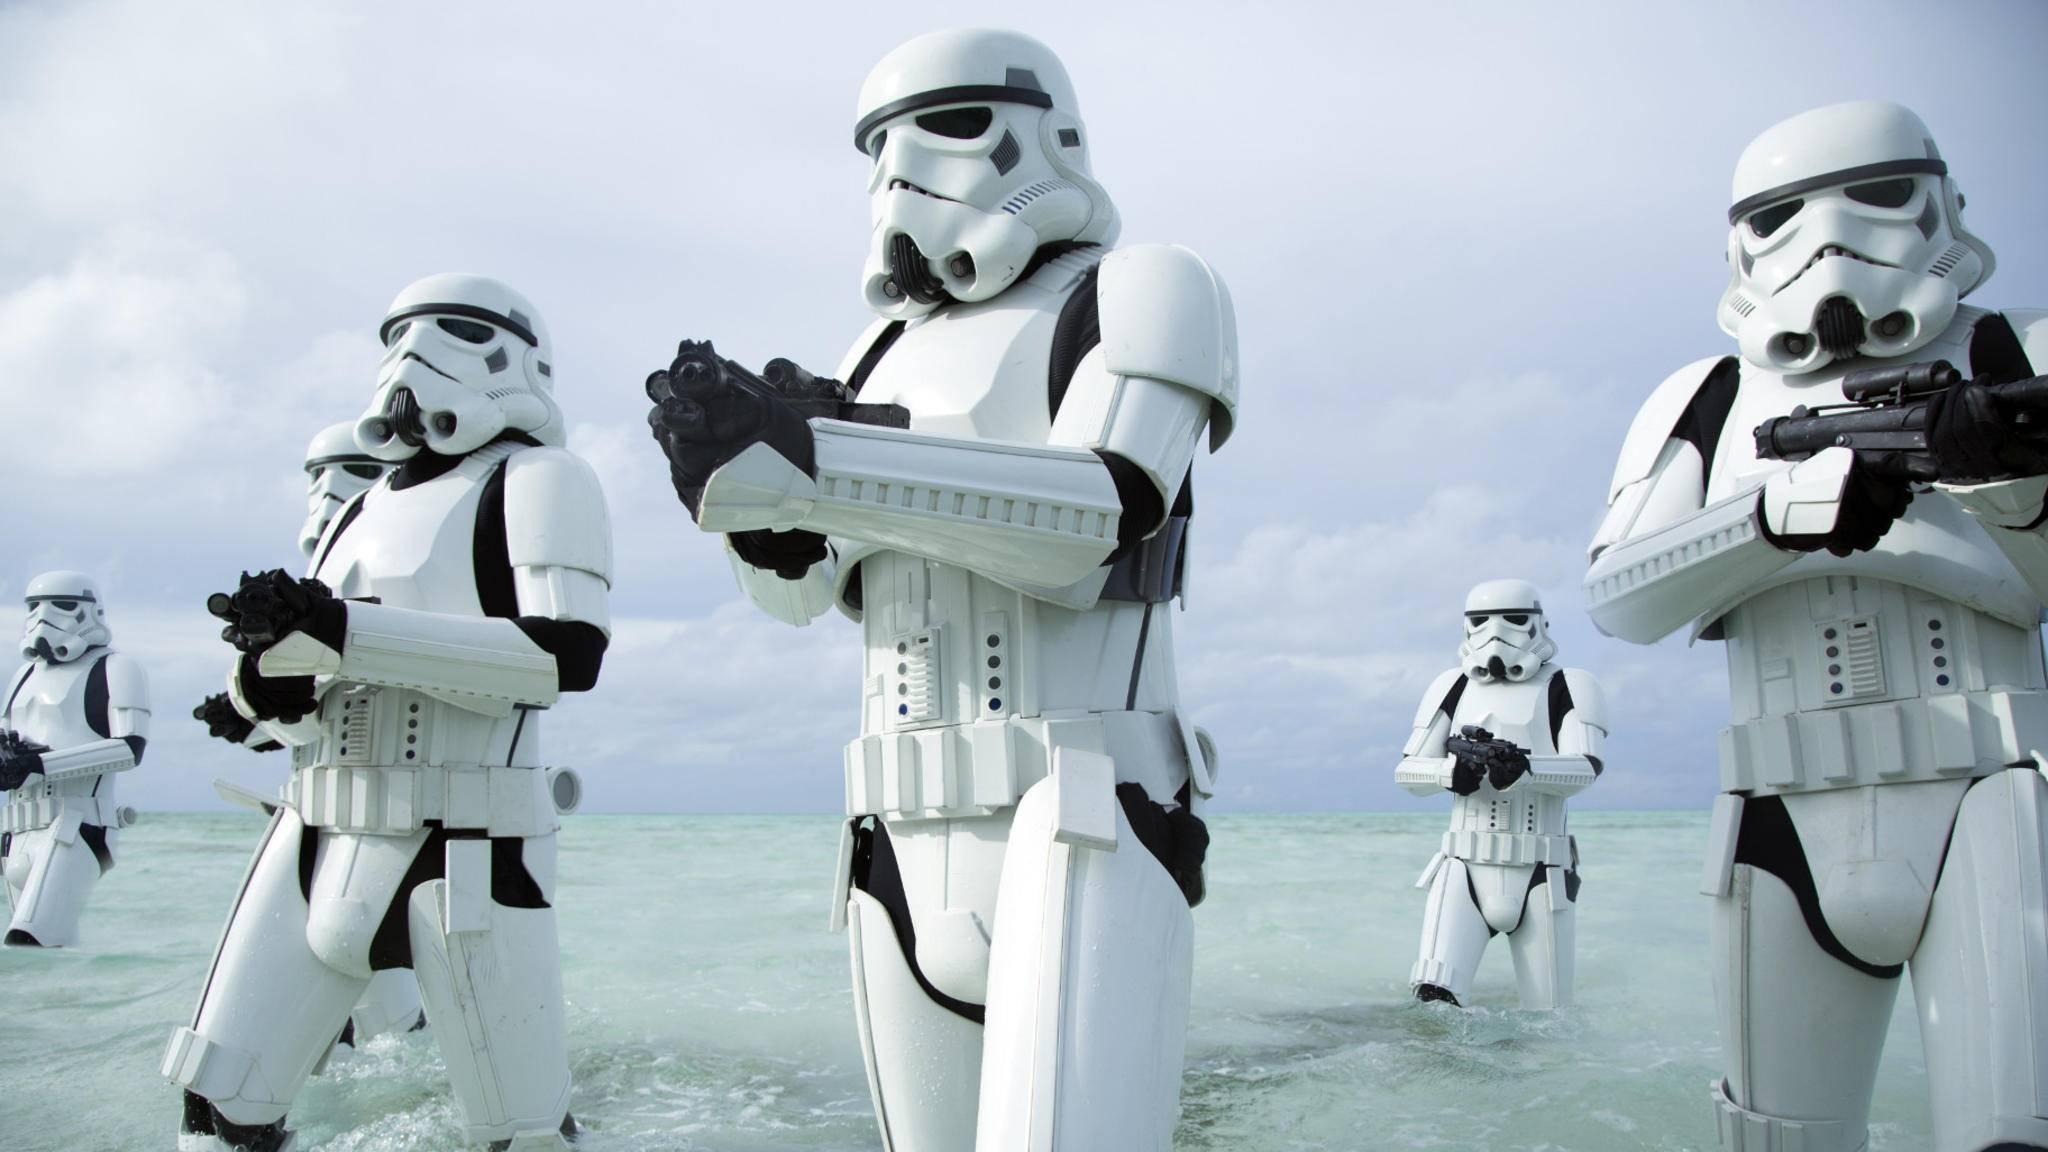 """In welcher Reihenfolge sollte man die """"Star Wars""""-Filme ansehen?"""